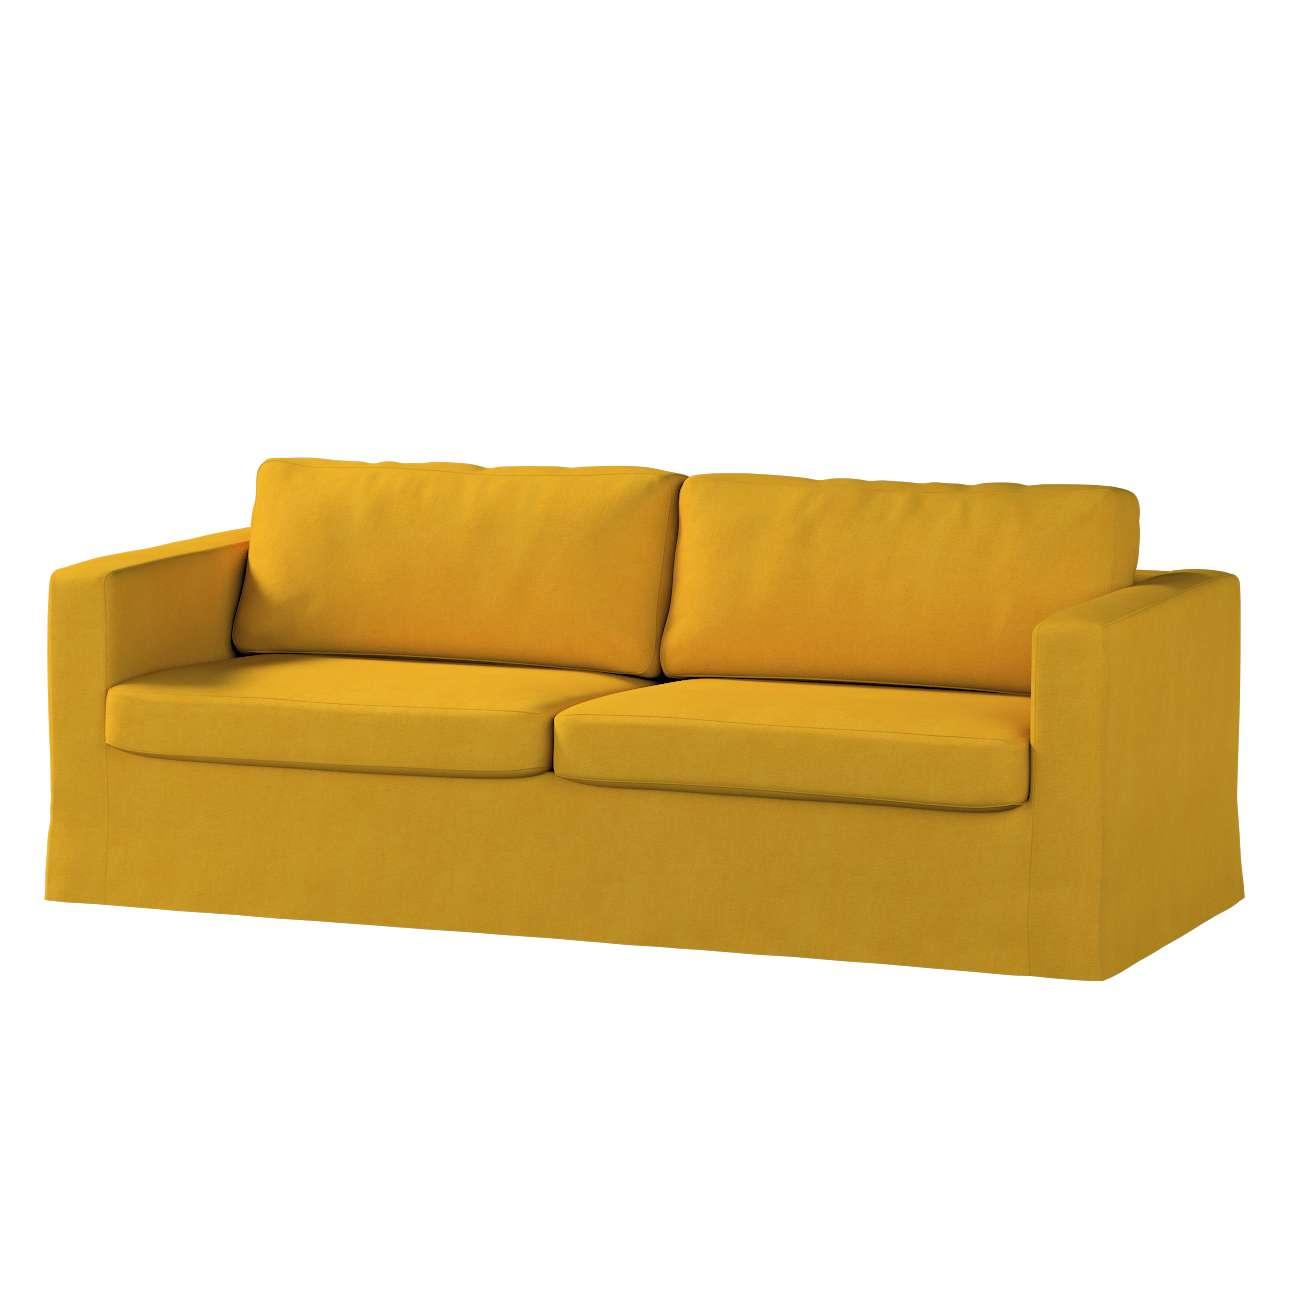 Karlstad trivietės sofos užvalkalas (ilgas, iki žemės) Karlstad trivietės sofos užvalkalas (ilgas, iki žemės) kolekcijoje Etna , audinys: 705-04